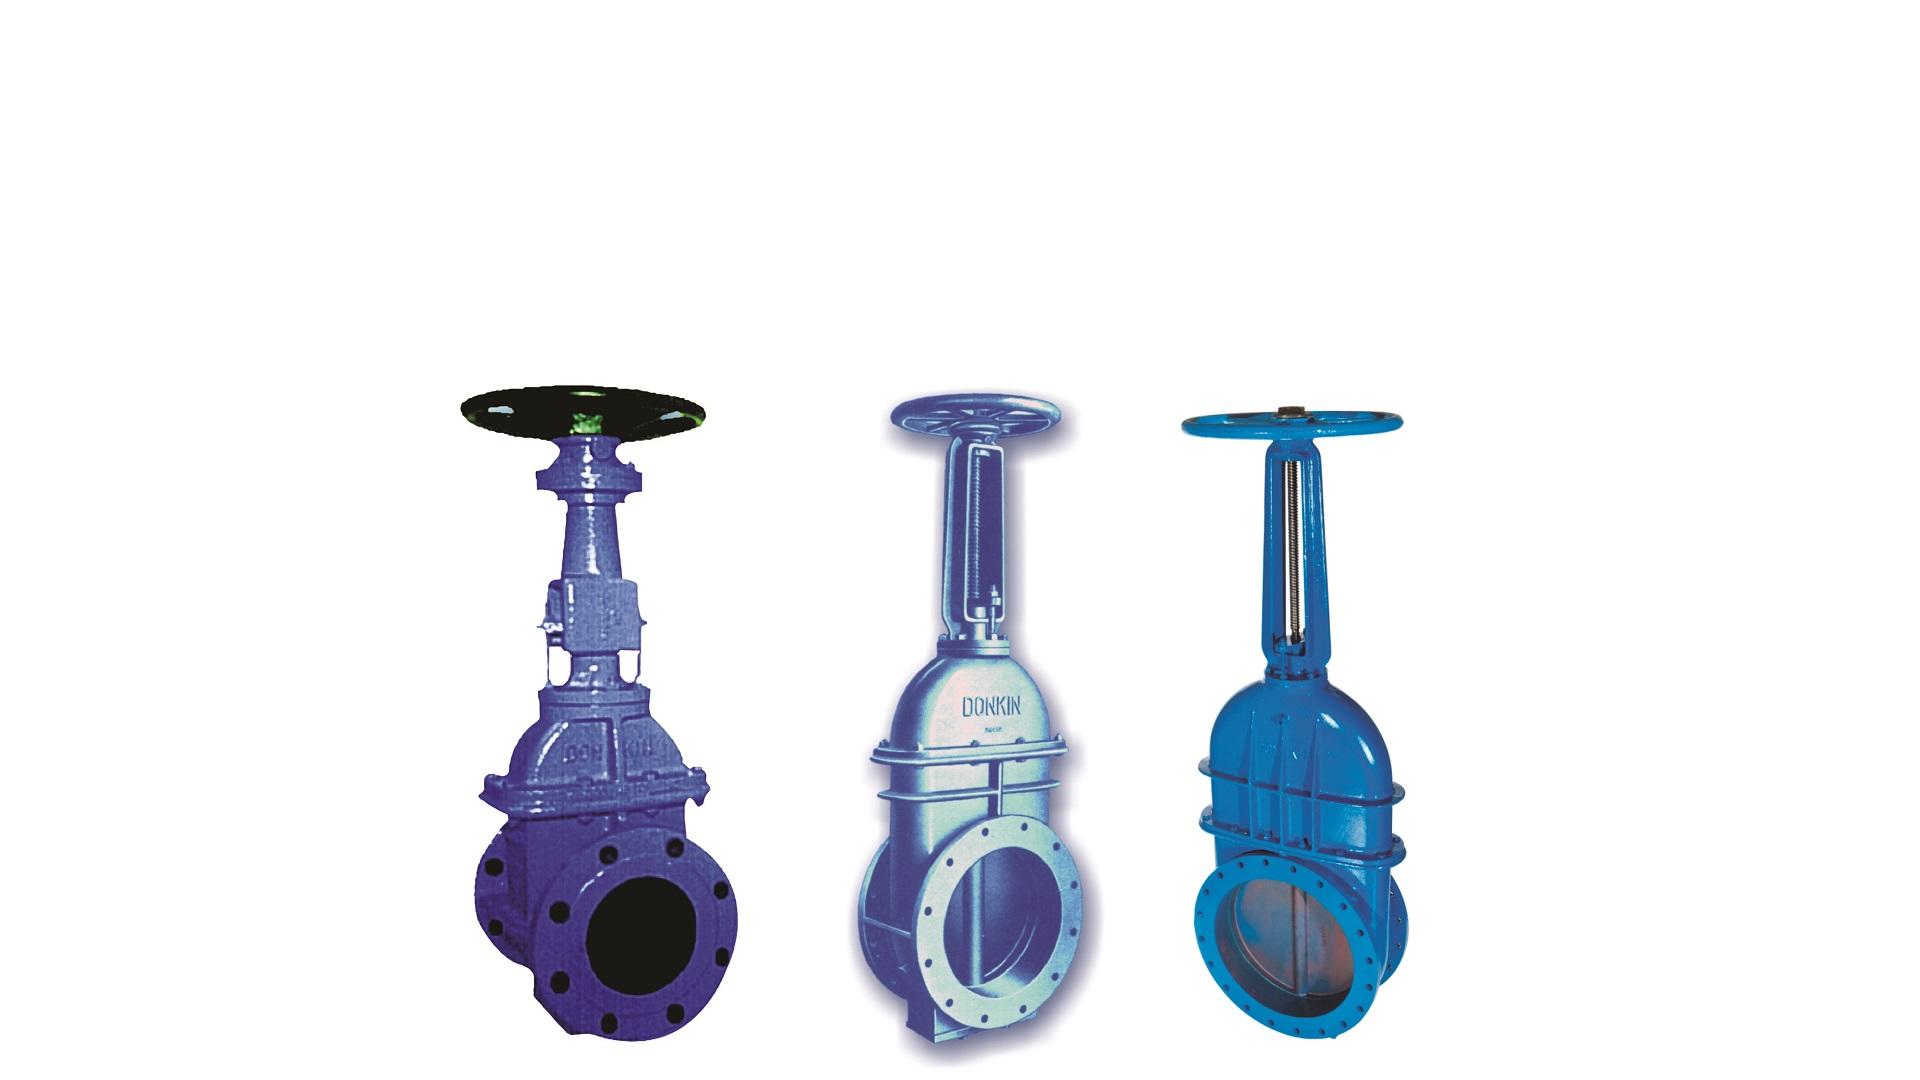 AVK Donkin gas coke oven gate valves